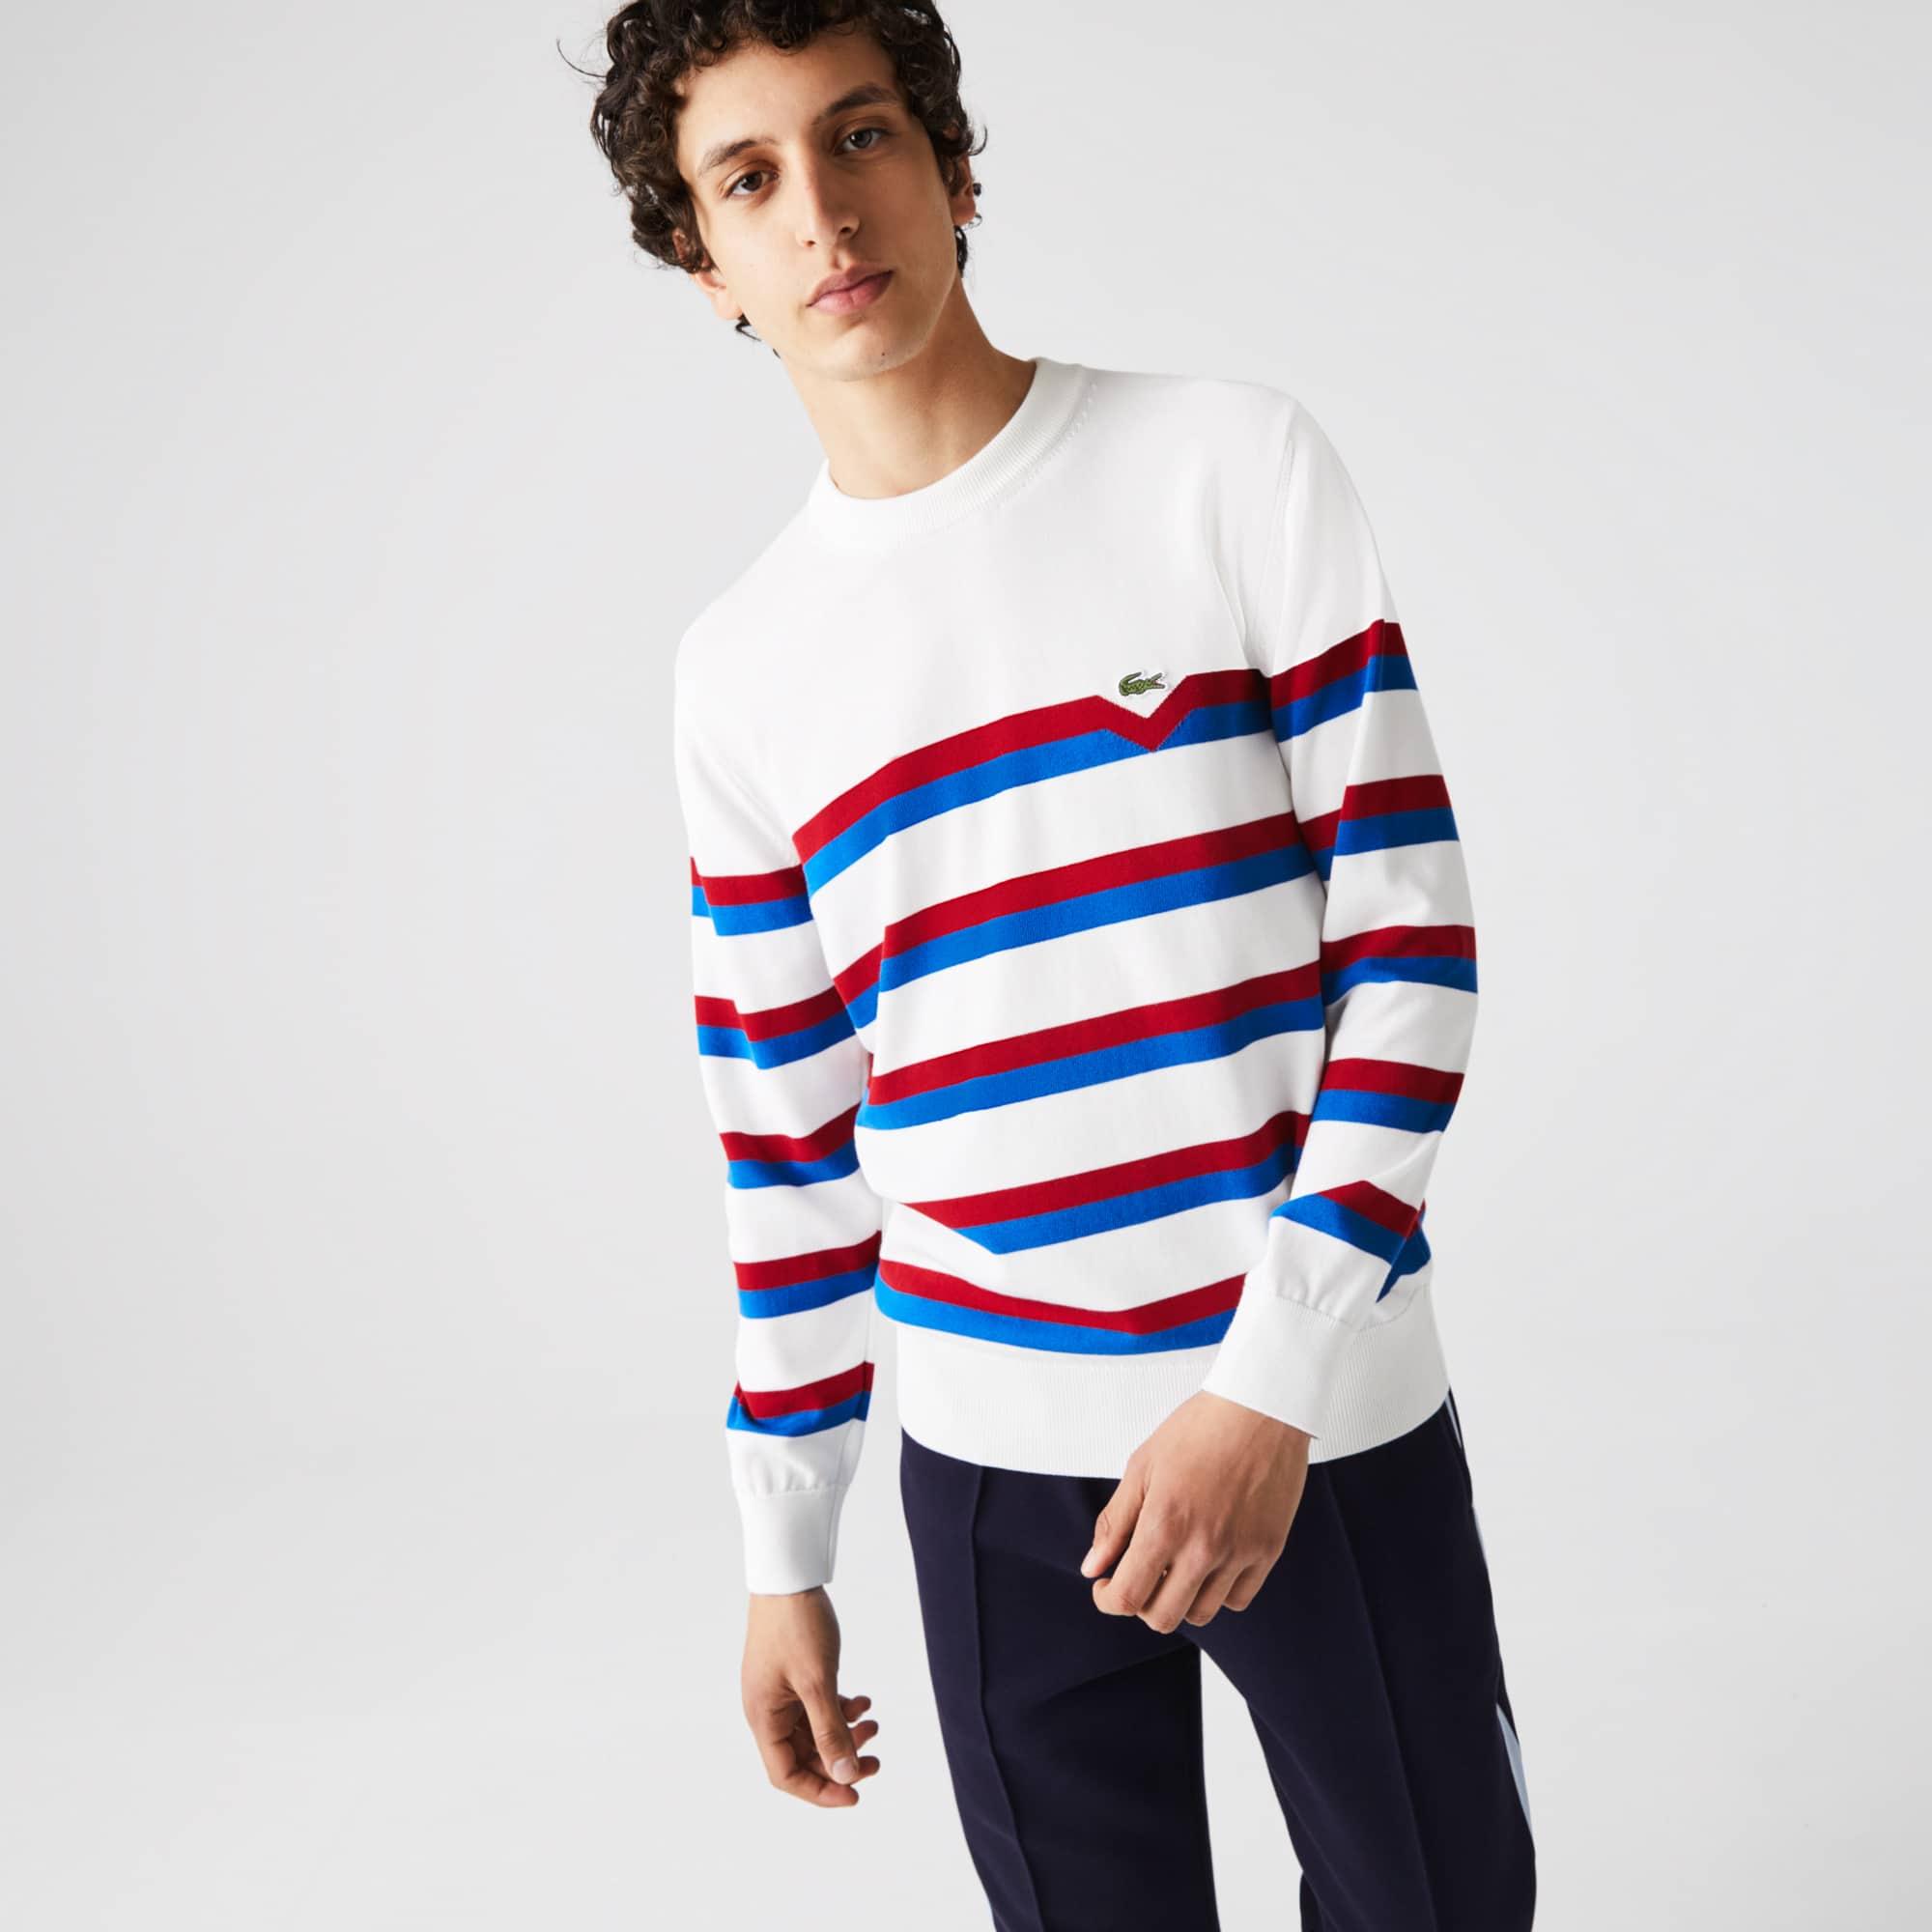 라코스테 맨 메이드 인 프랑스 스트라이프 스웨터 Lacoste Men's Made in France Striped Organic Cotton Sweater,White / Blue / Red X32